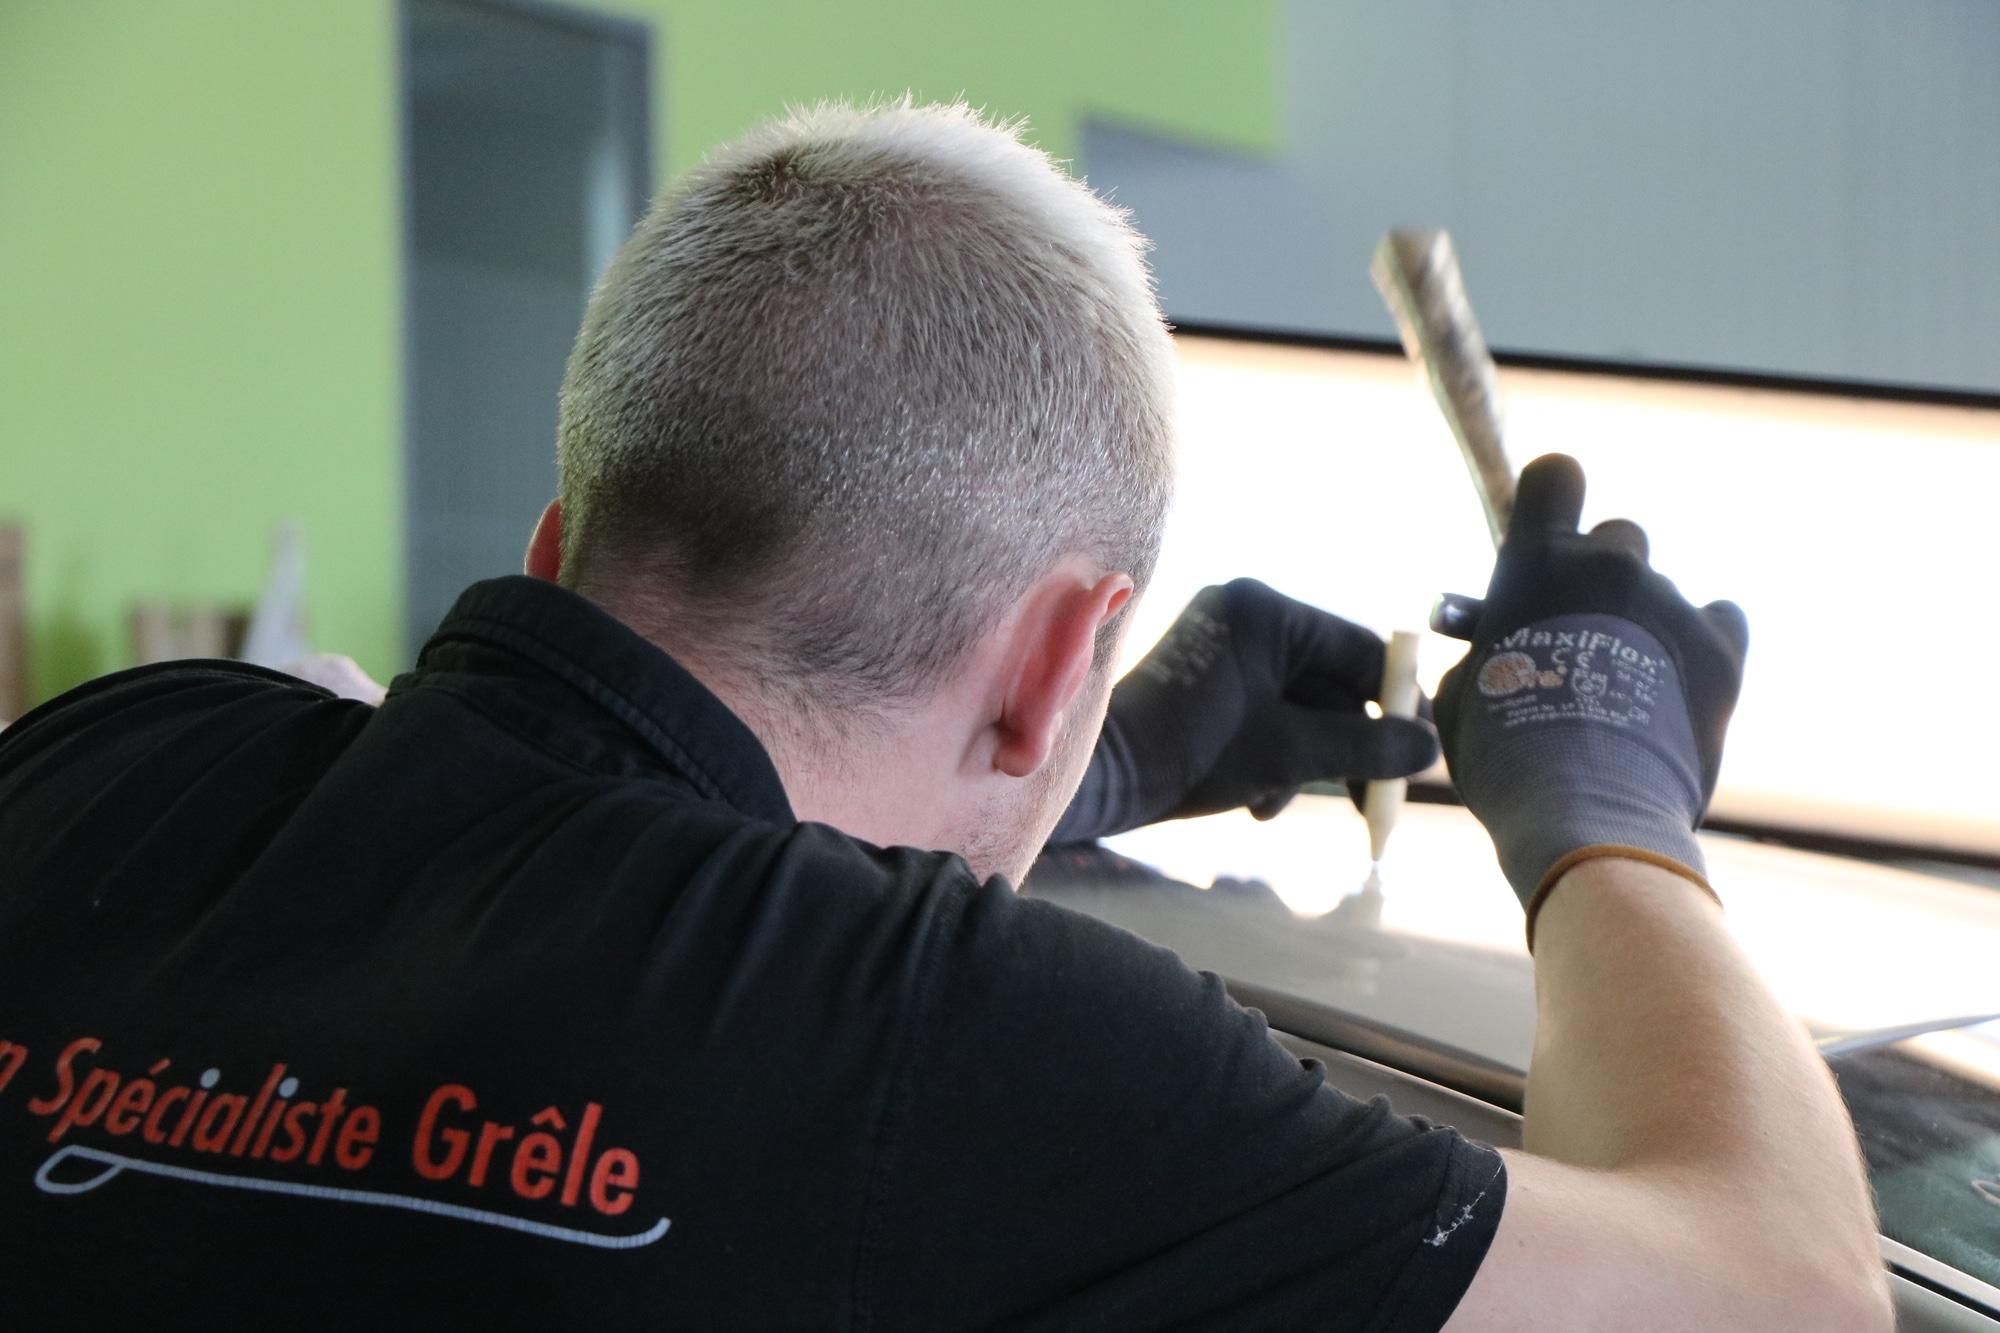 Carrossier qui utilise une technique de débosselage sans peinture sur un véhicule grêlé